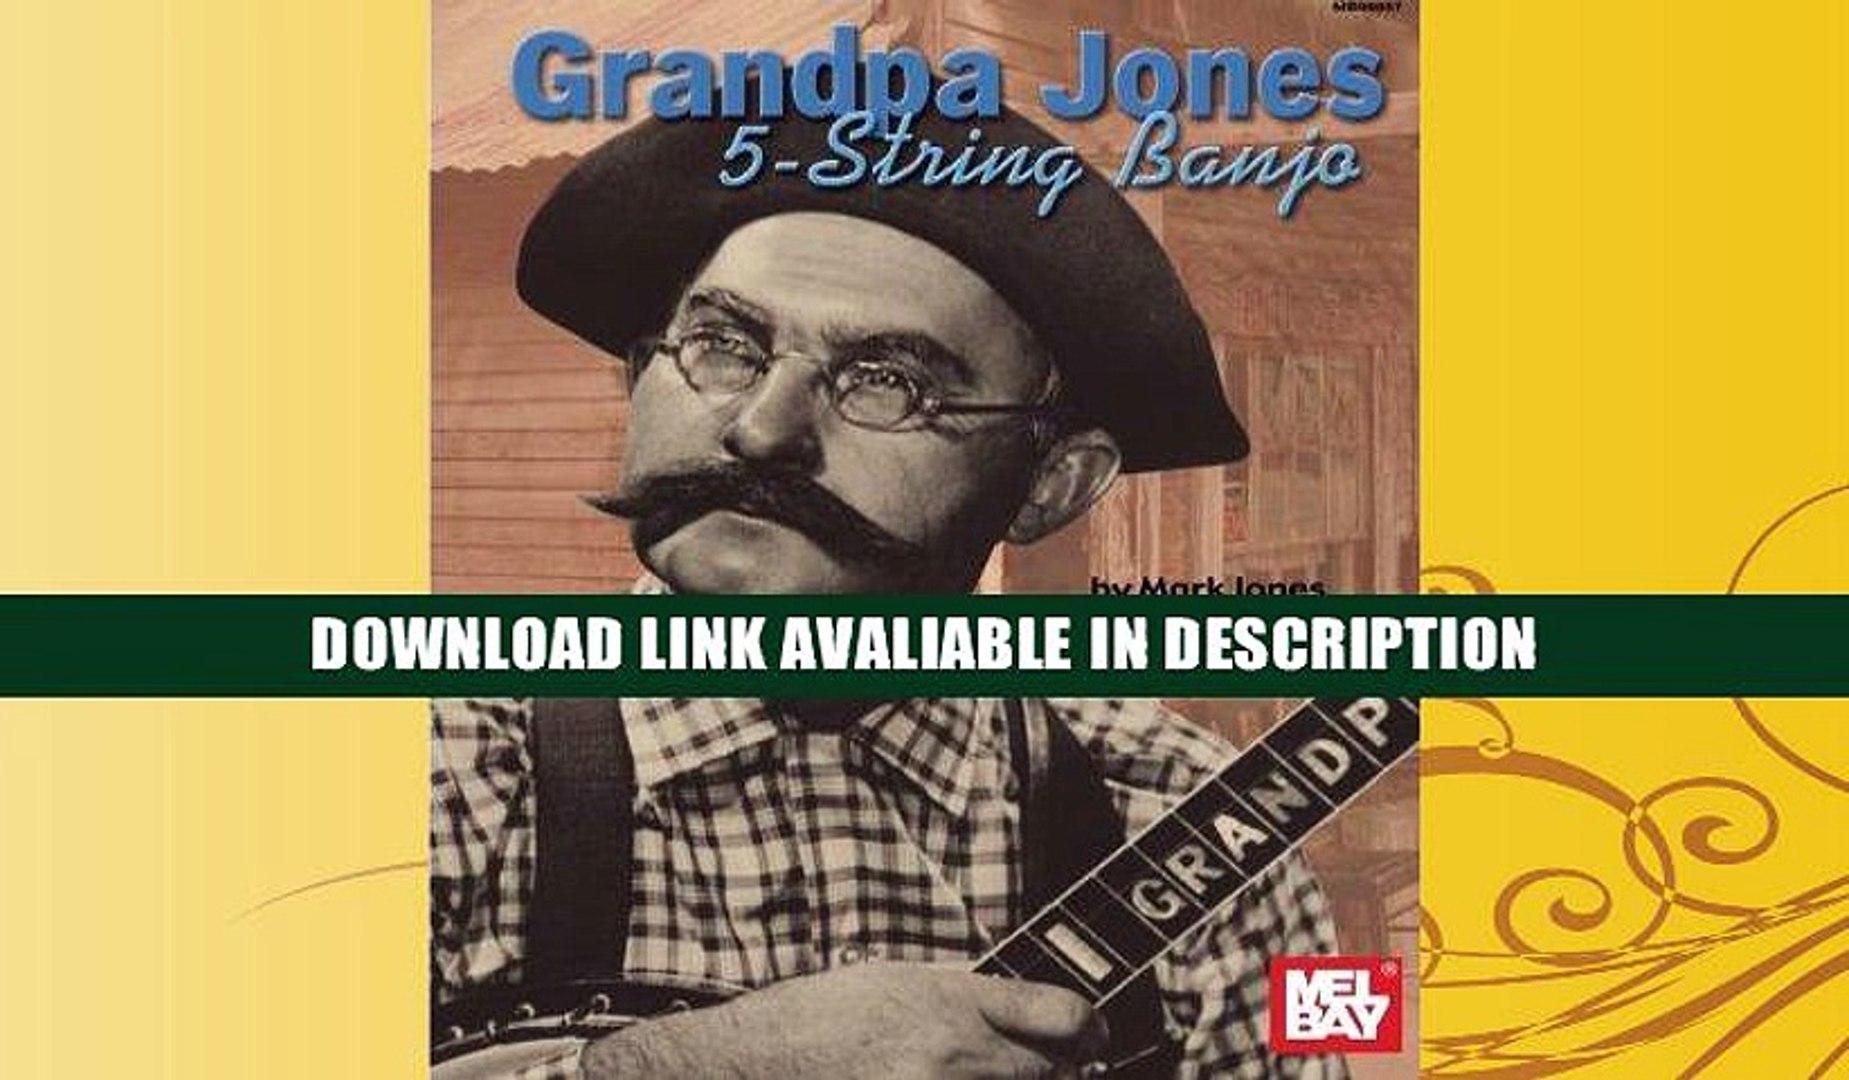 GRANDPA JONES 5-STRING BANJO BOOK NEW